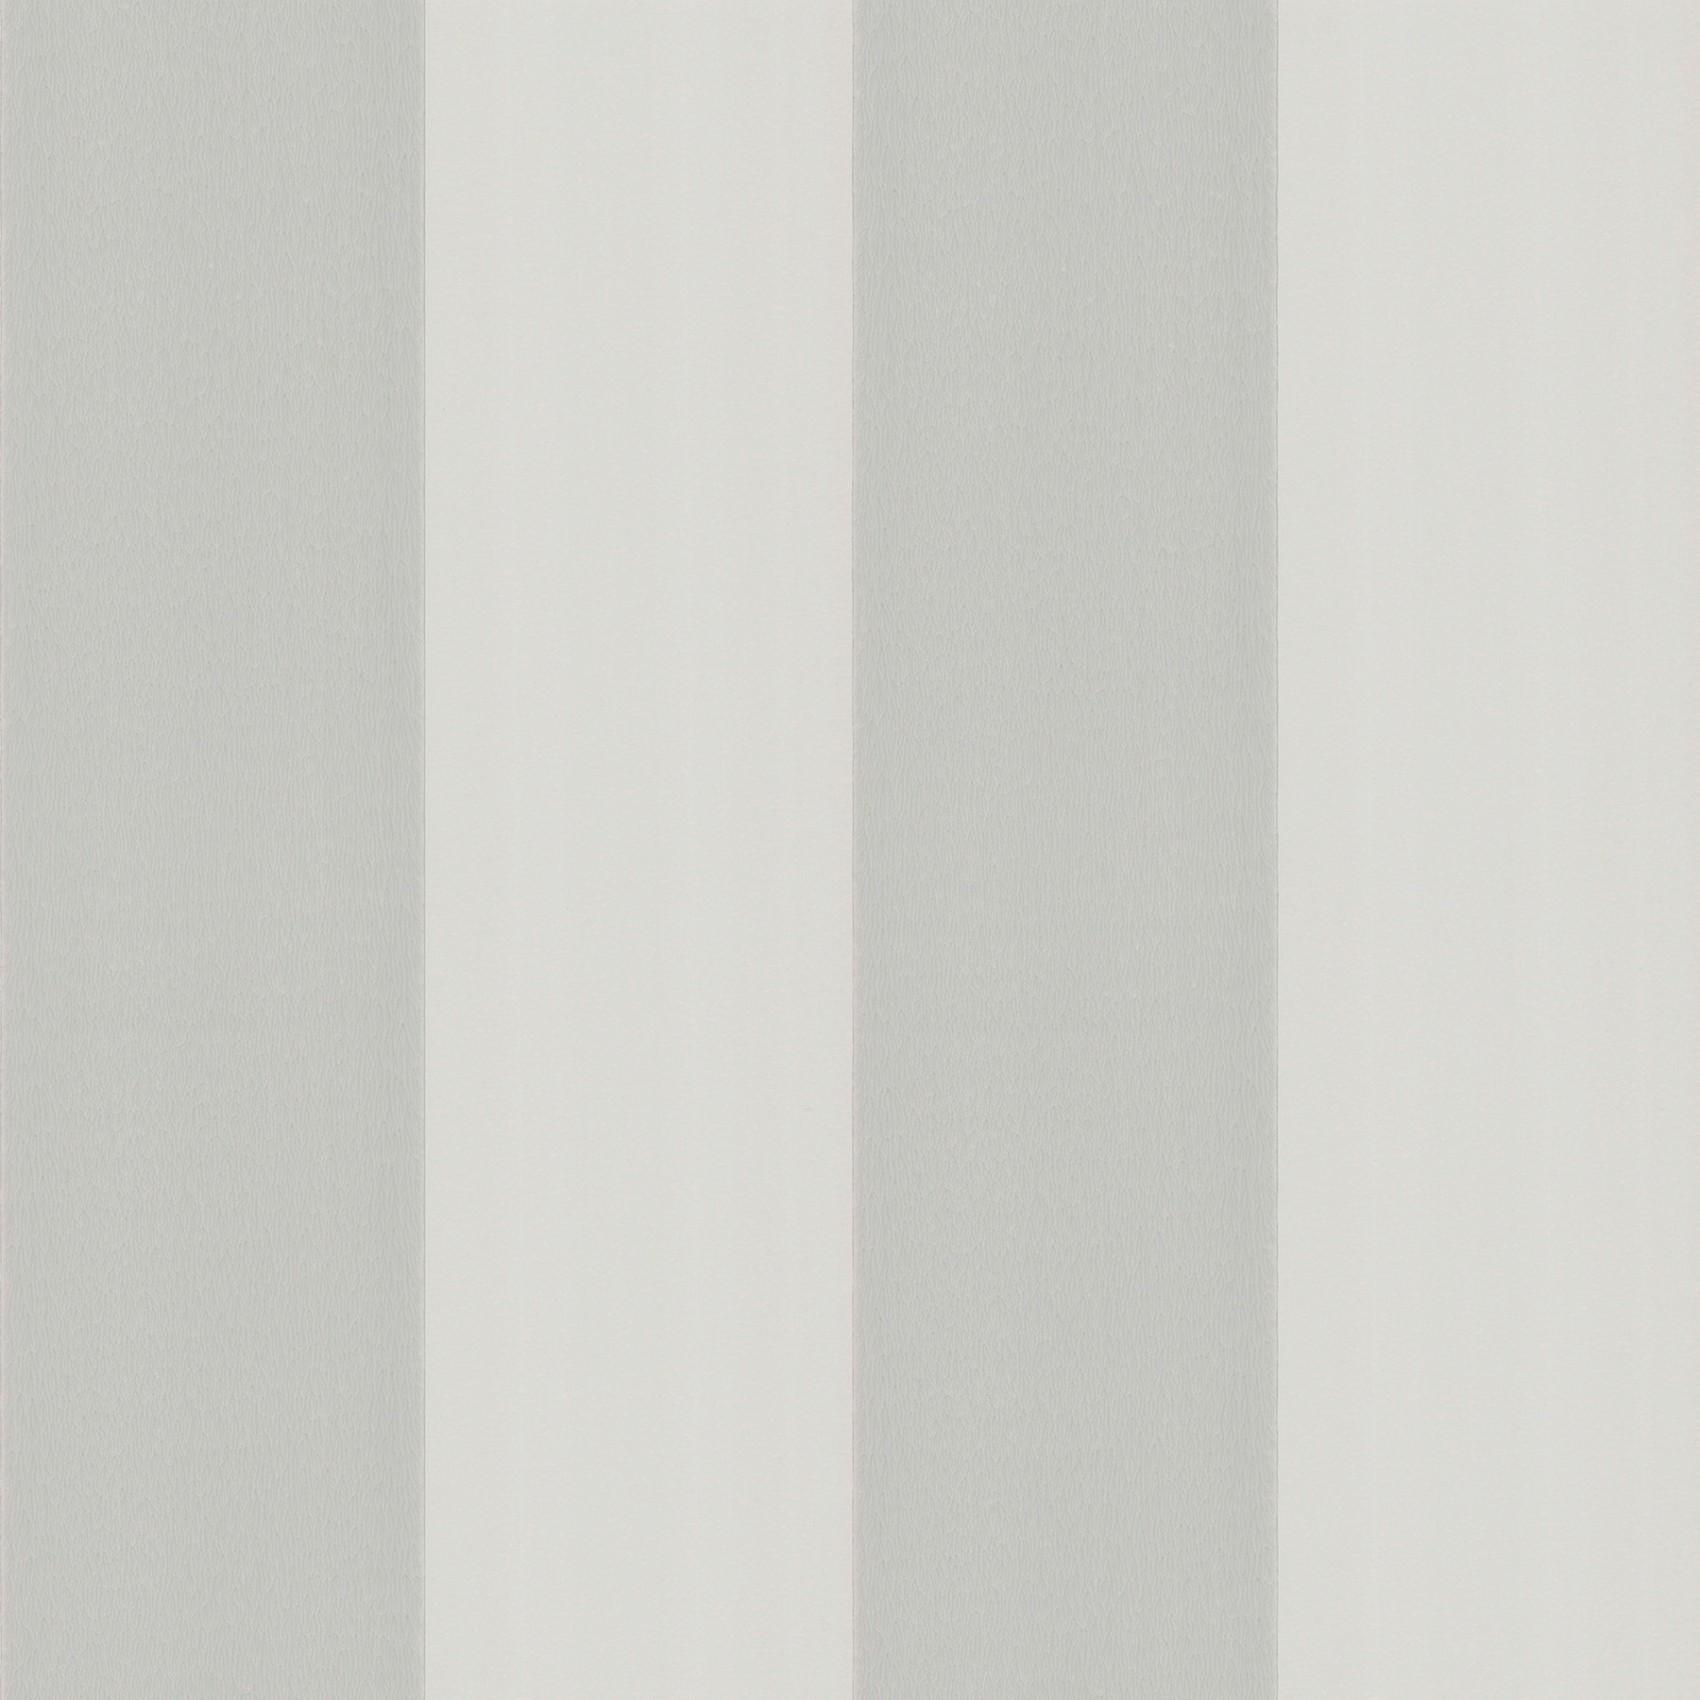 Английские обои Little Greene,  коллекция Painted Papers, артикул0286BSFORUM